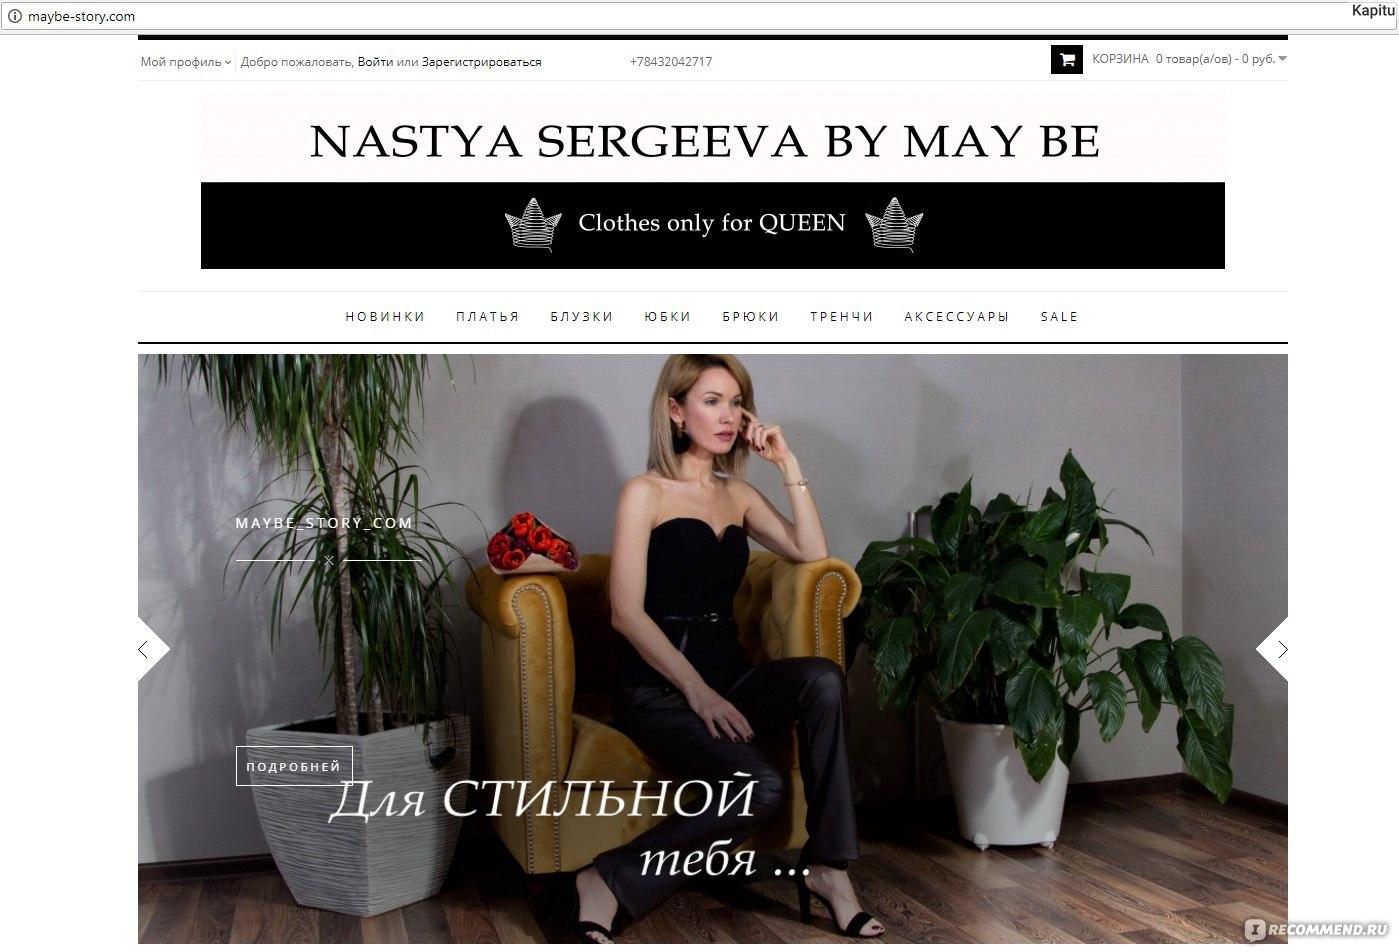 27a3e8fb0c7 Сайт maybe-story.com - интернет-магазин дизайнерской женской одежды ...